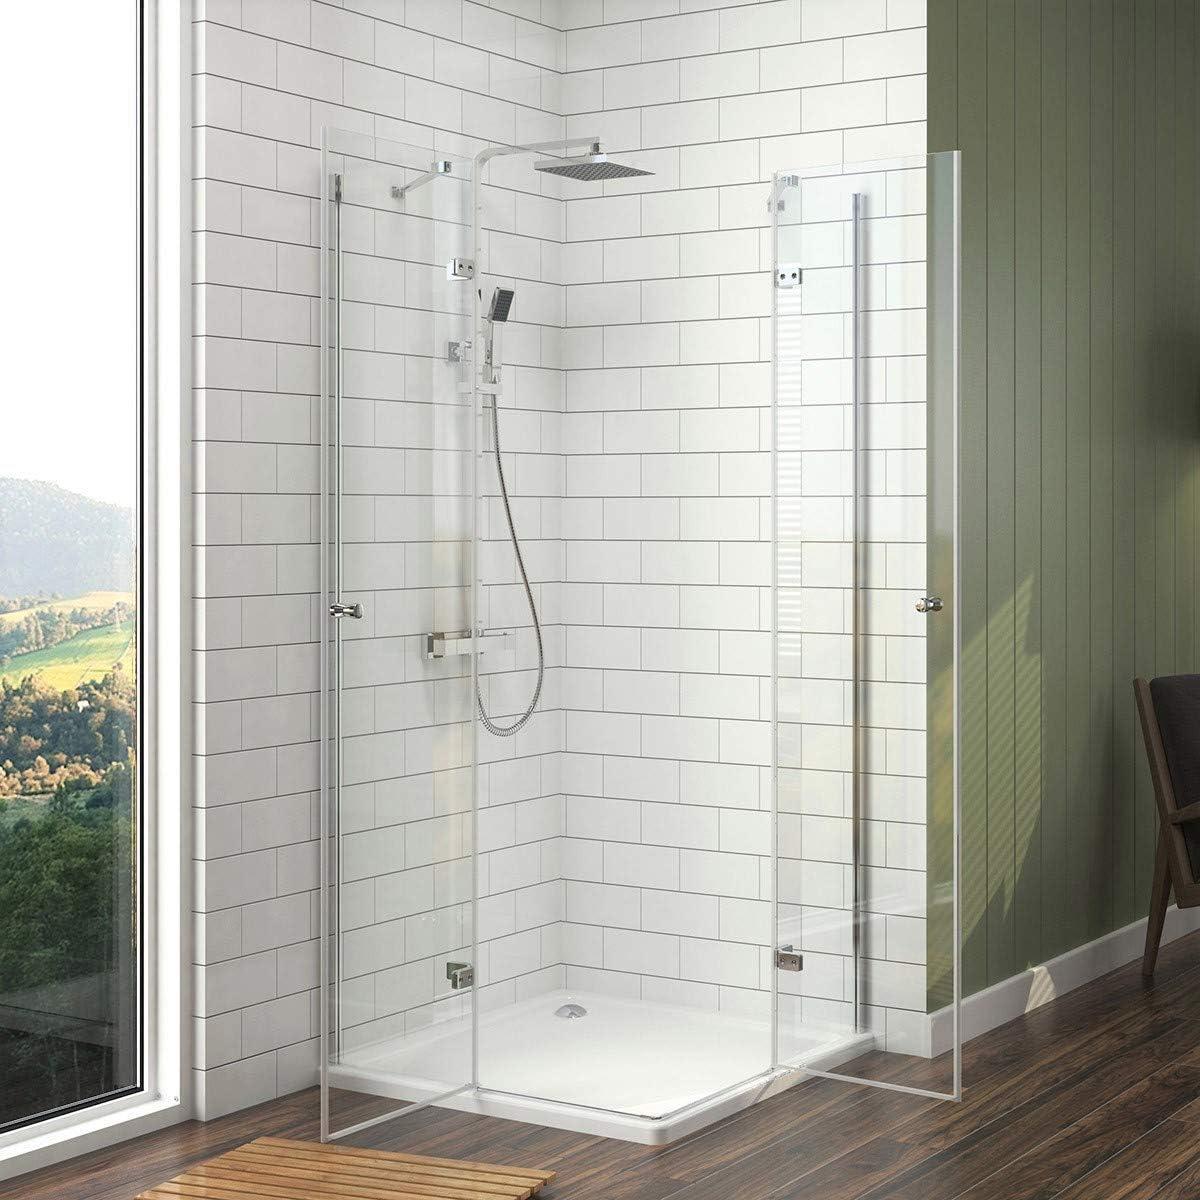 Meykoers Duschkabine Eckeinstieg 75x90x185cm Duschabtrennung mit Schwingt/ür Duscht/ür Duschwand Glas Duschtrennwand Eckdusche aus 6mm ESG Sicherheitsglas mit Nano-Beschichtung